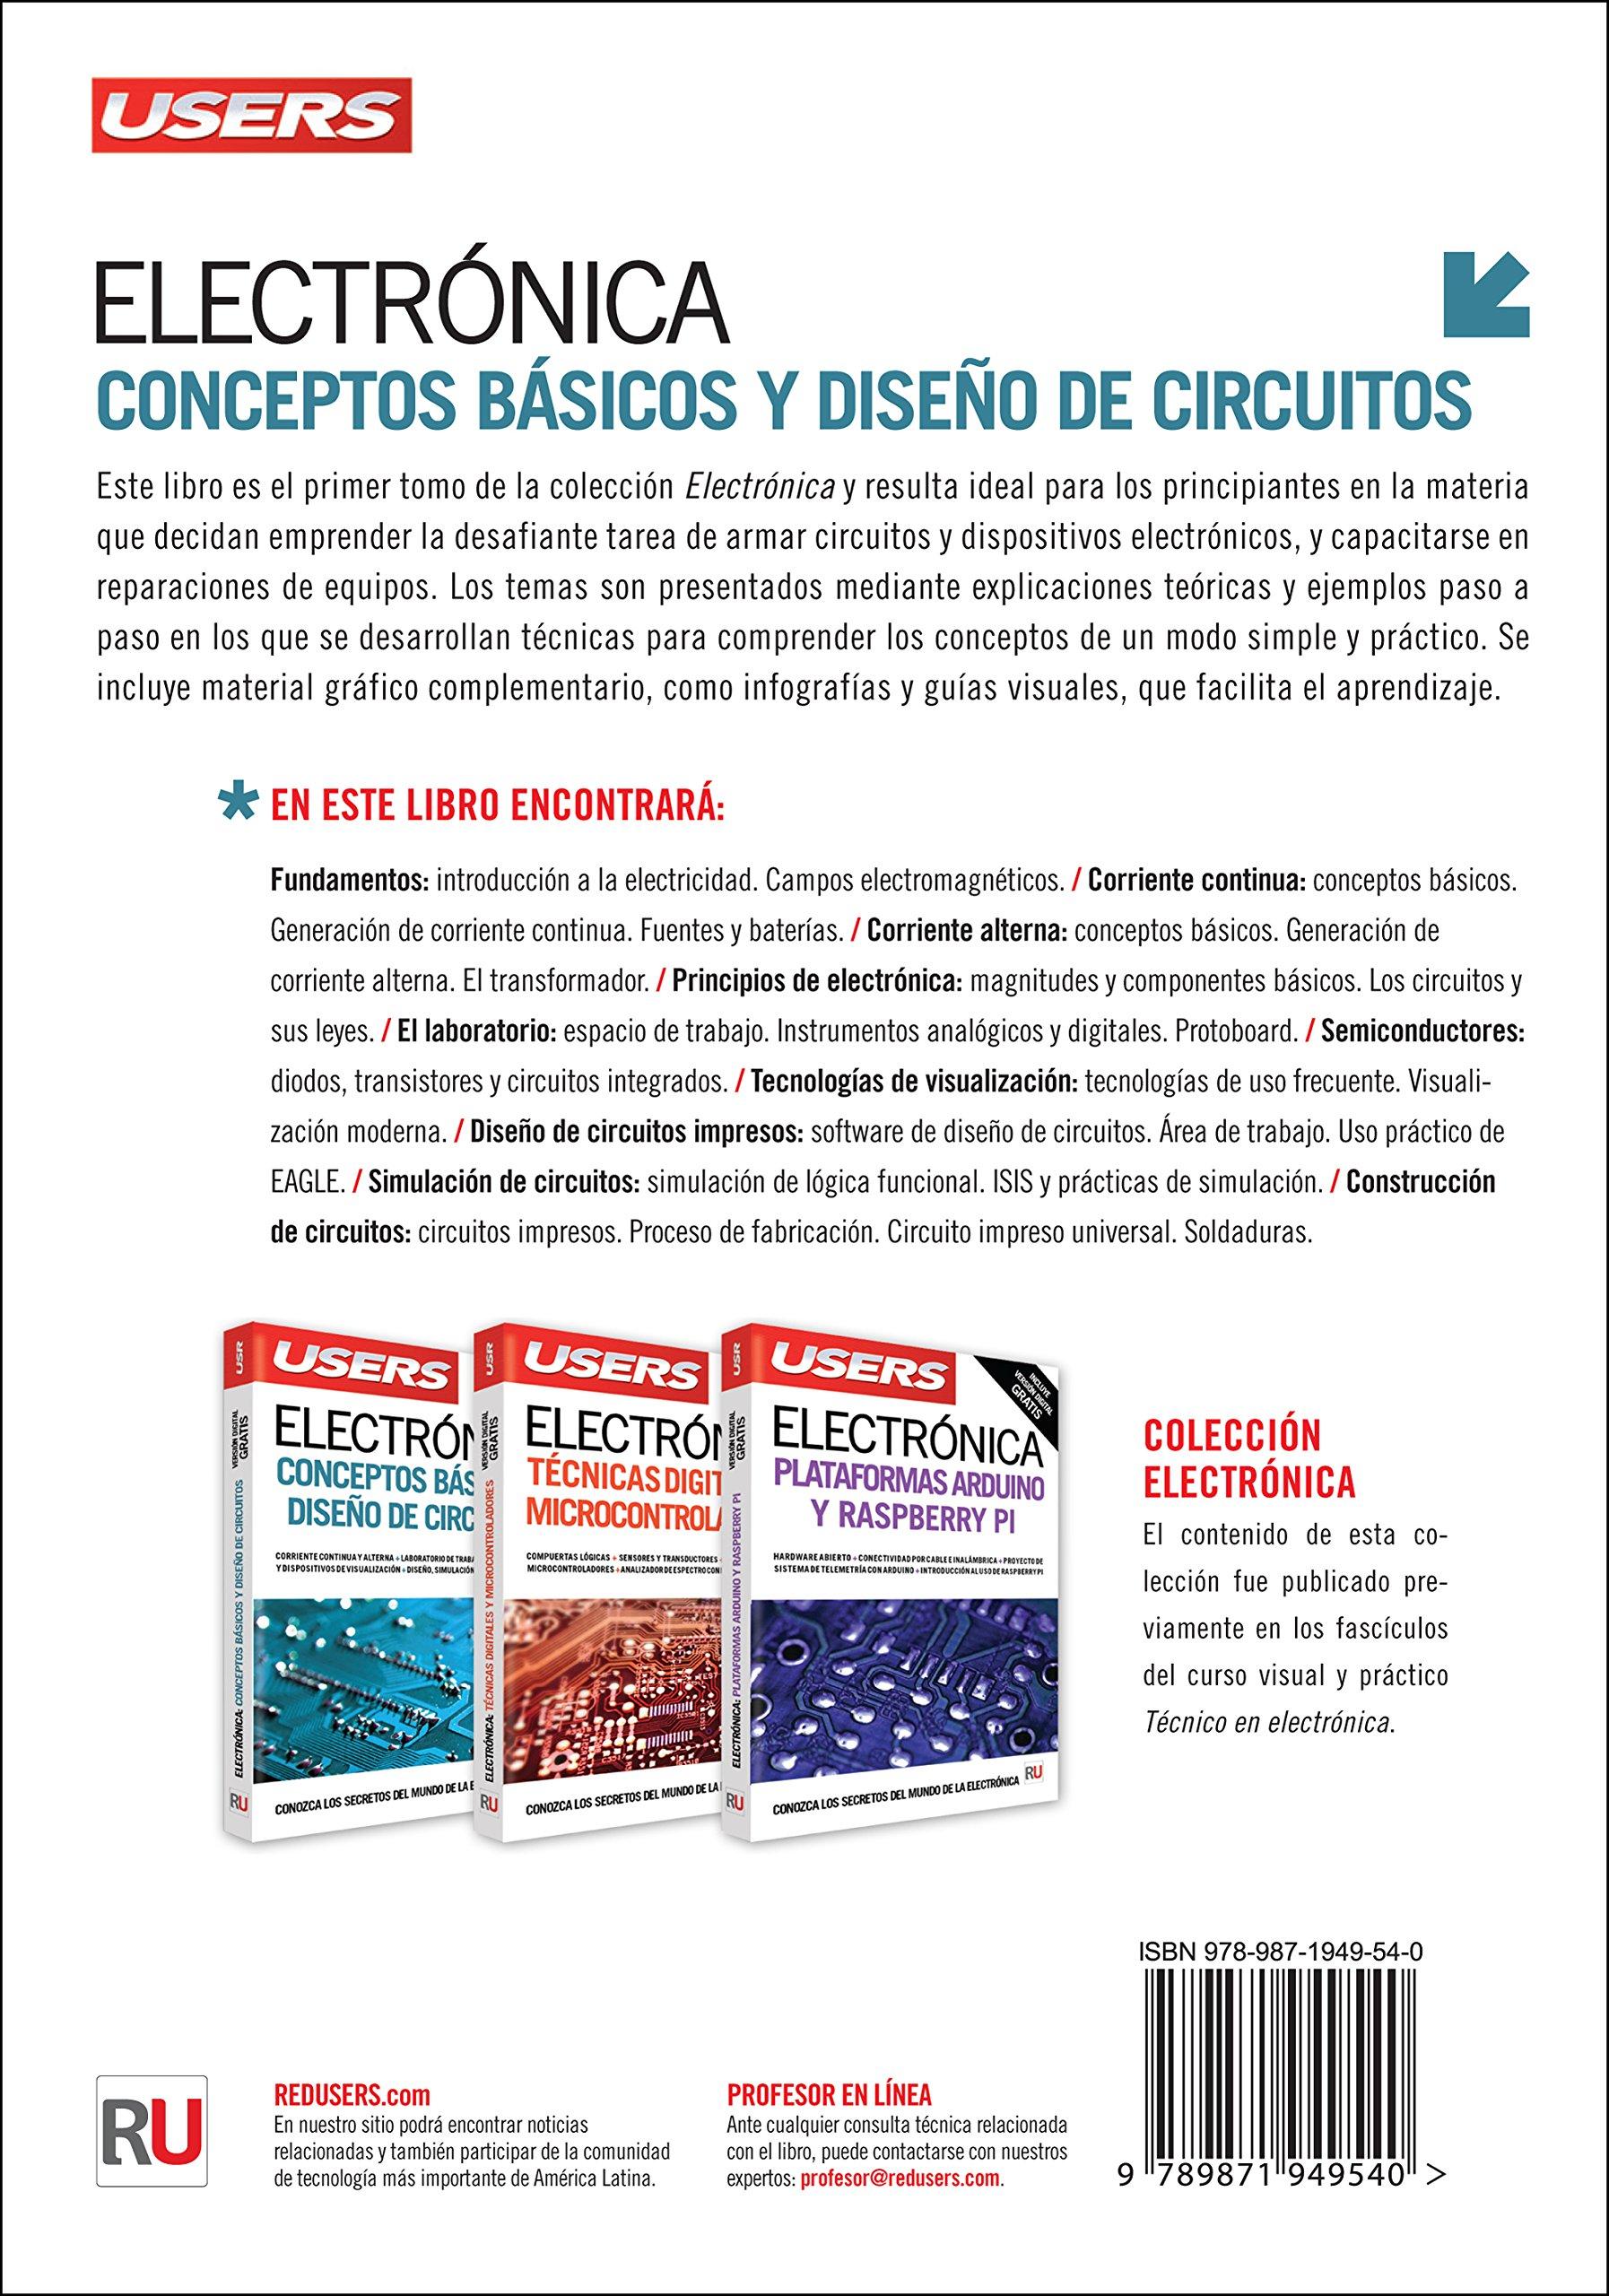 Circuito Basico : Electrónica: conceptos básicos y diseño de circuitos spanish